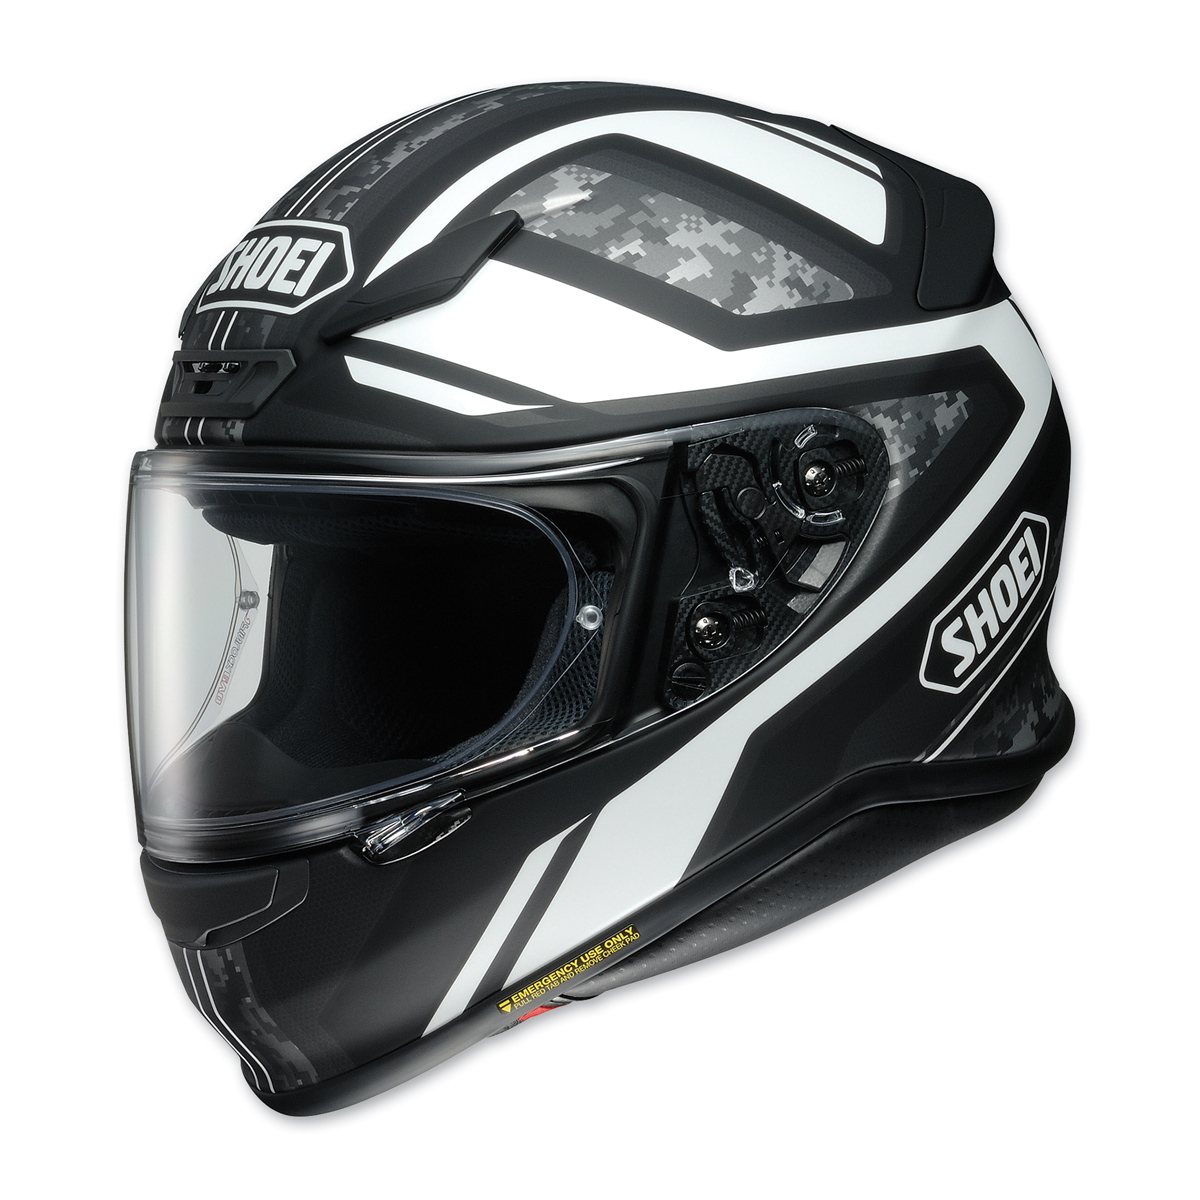 Shoei RF-1200 Parameter Black/White Full Face Helmet